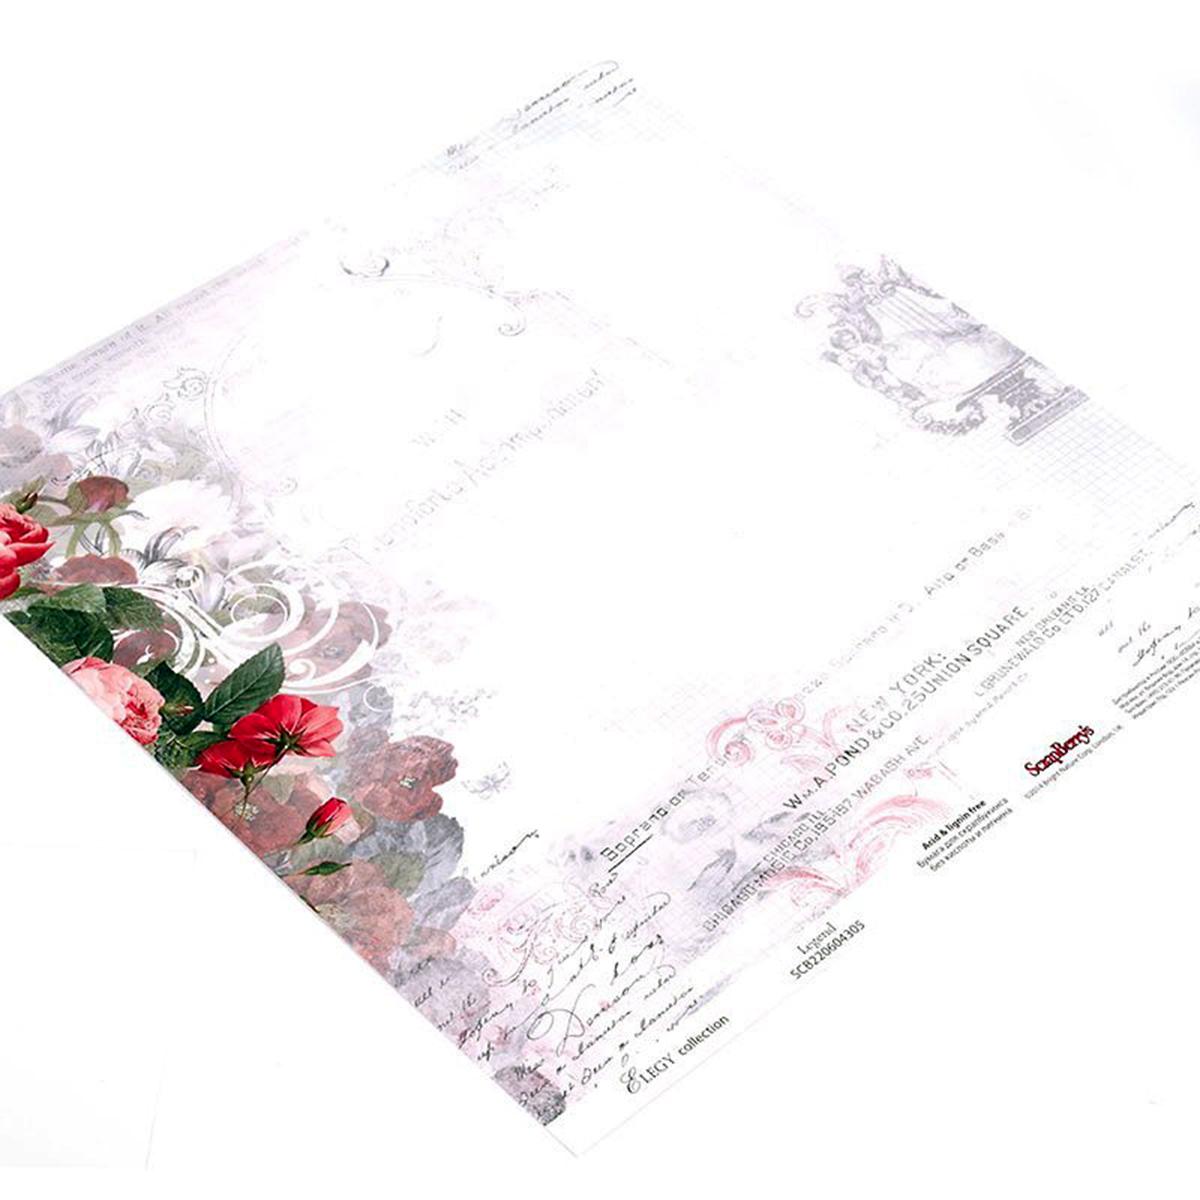 Бумага для скрапбукинга ScrapBerrys Элегия. Легенда, 30,5 х 30,5 см, 10 листов. 498834498834